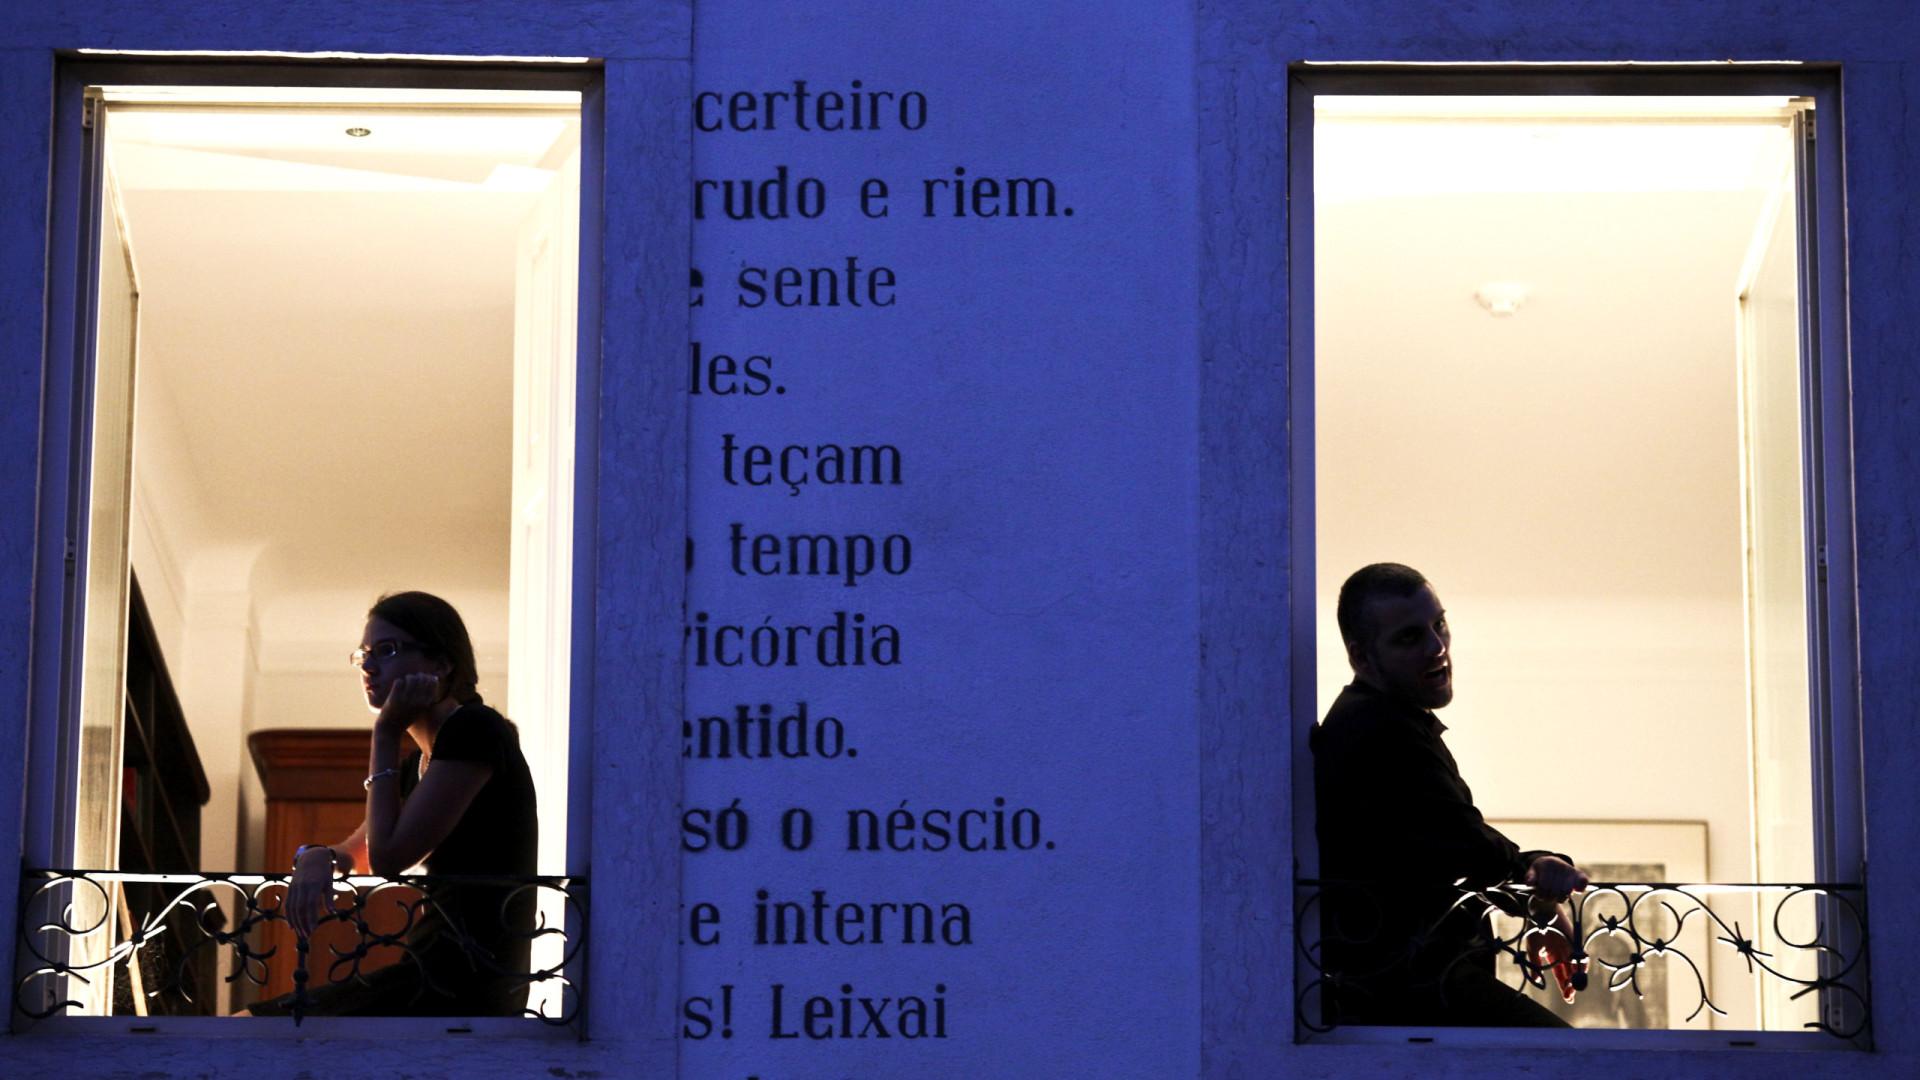 Casa Fernando Pessoa programa Dias da Poesia para celebrar o poeta